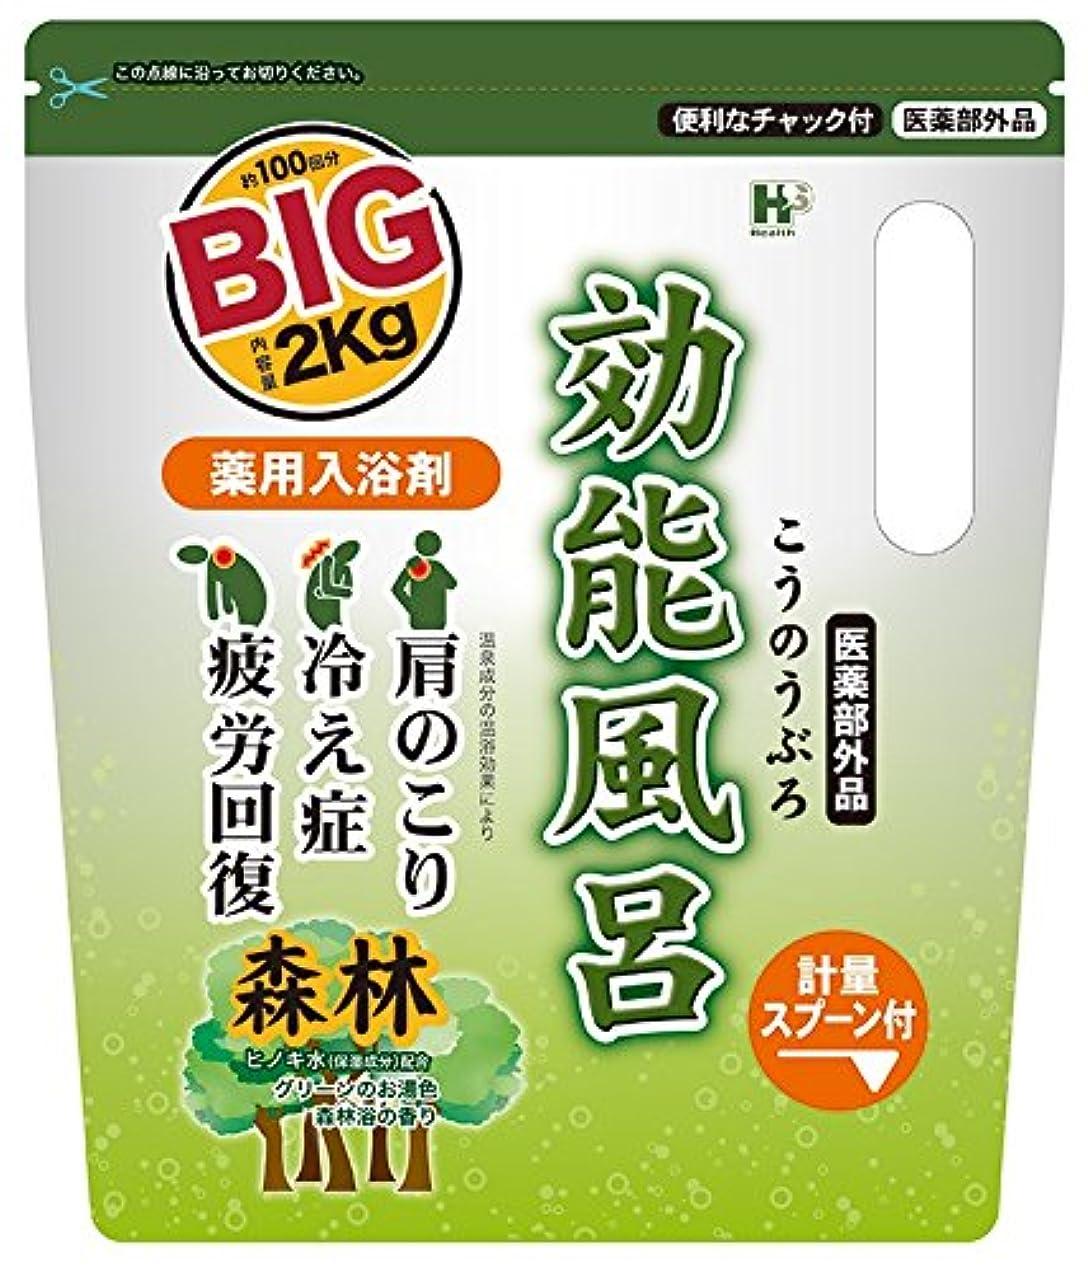 チューリップふさわしい暴露薬用入浴剤 効能風呂 森林の香り BIGサイズ 2kg [医薬部外品]